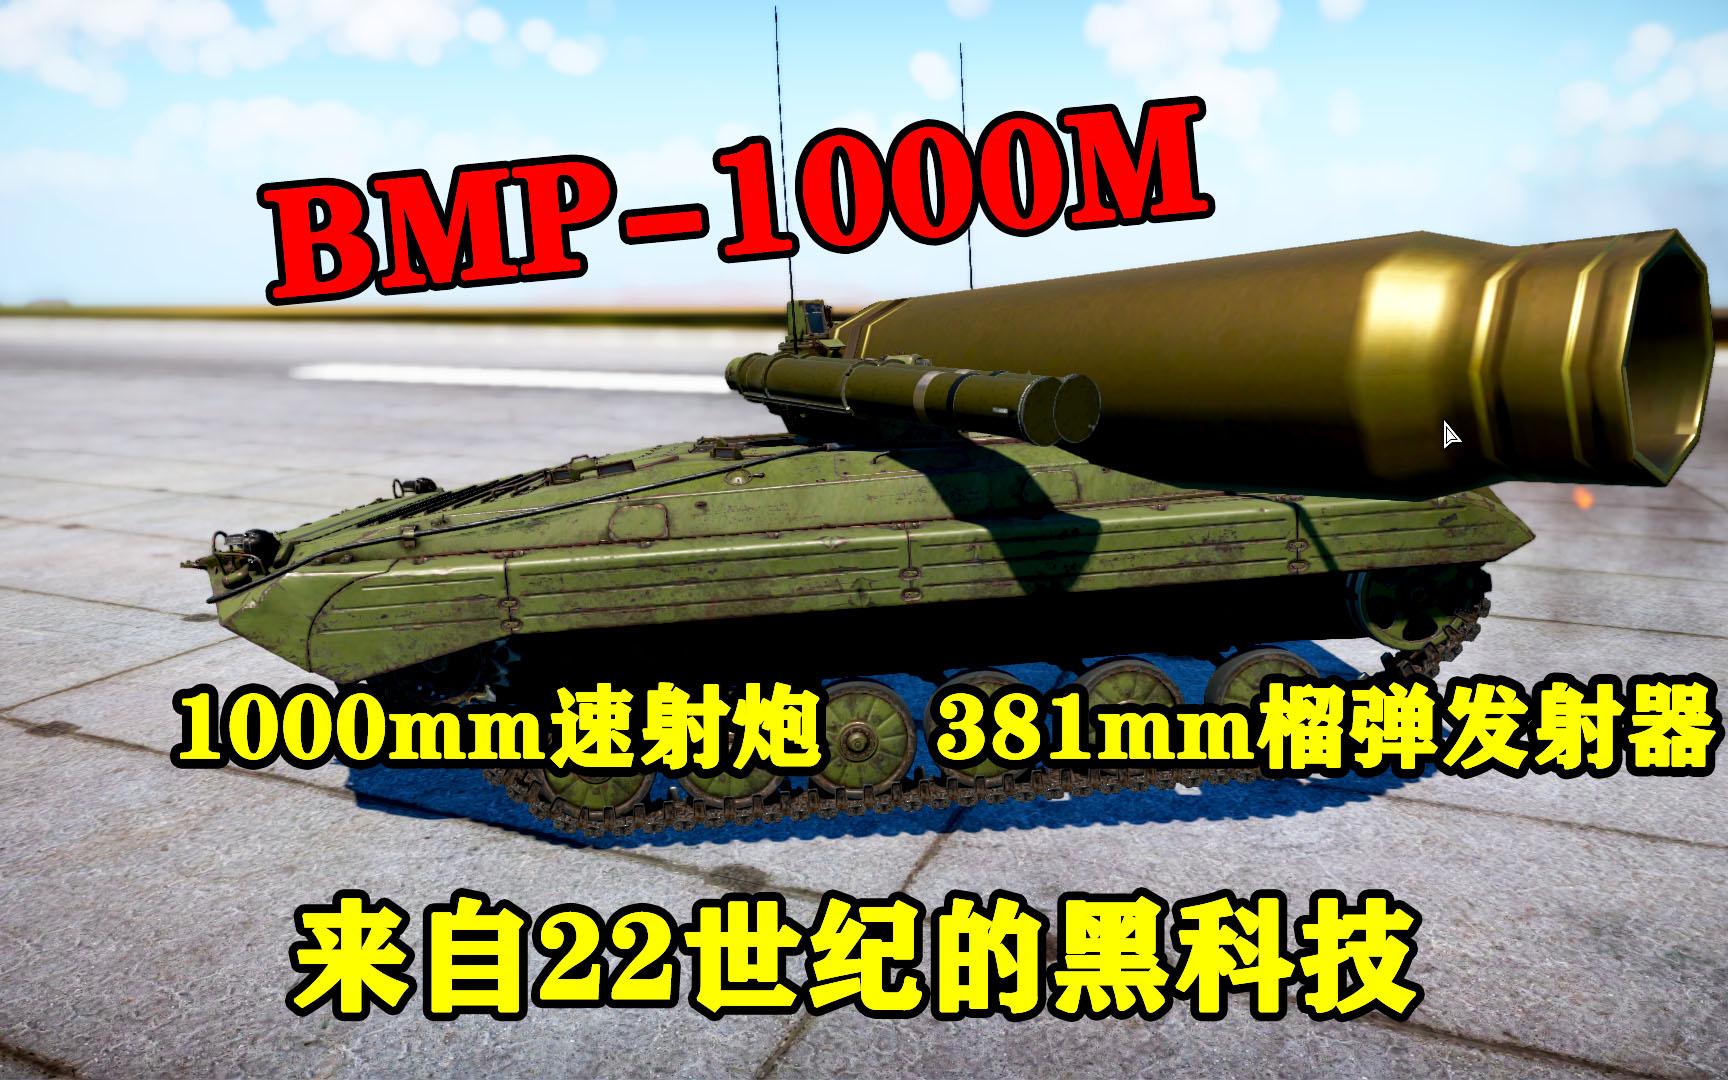 【战争雷霆】即将实装的最强BMP 1000毫米速射炮?来自22世纪的神秘力量-BMP-1000M评测